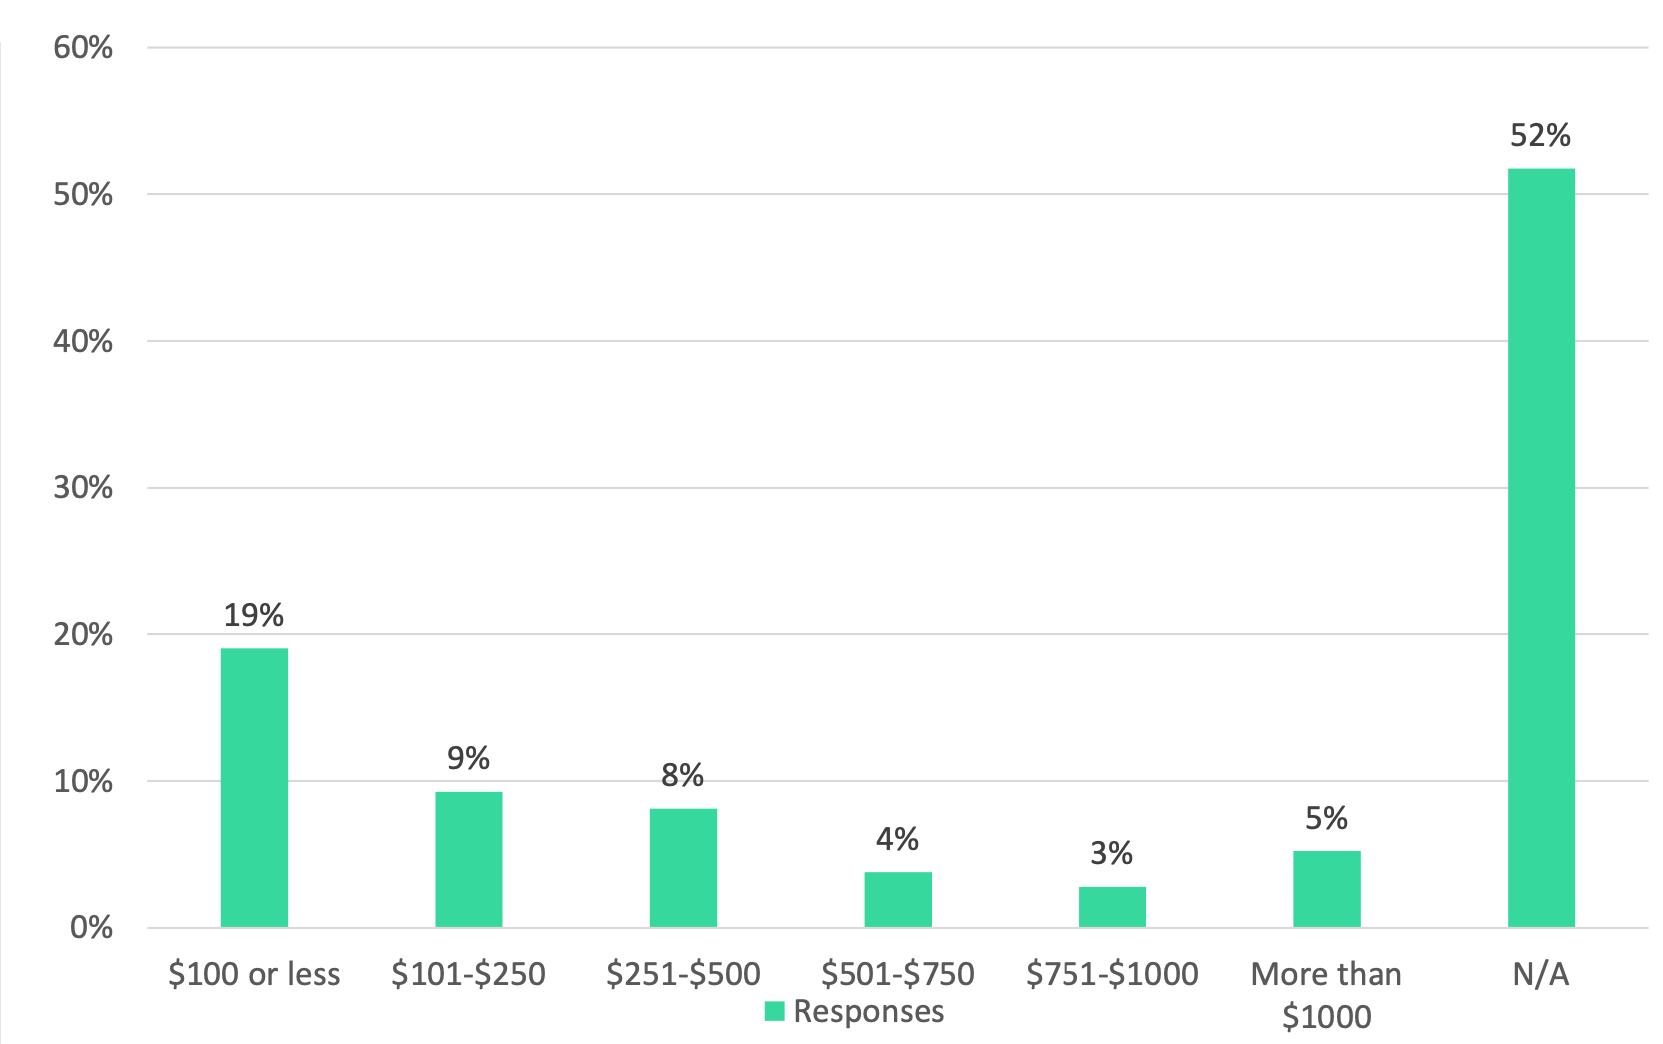 Tendencias de inversión en criptomonedas en los EE. UU., 6 meses en el pasado y el futuro